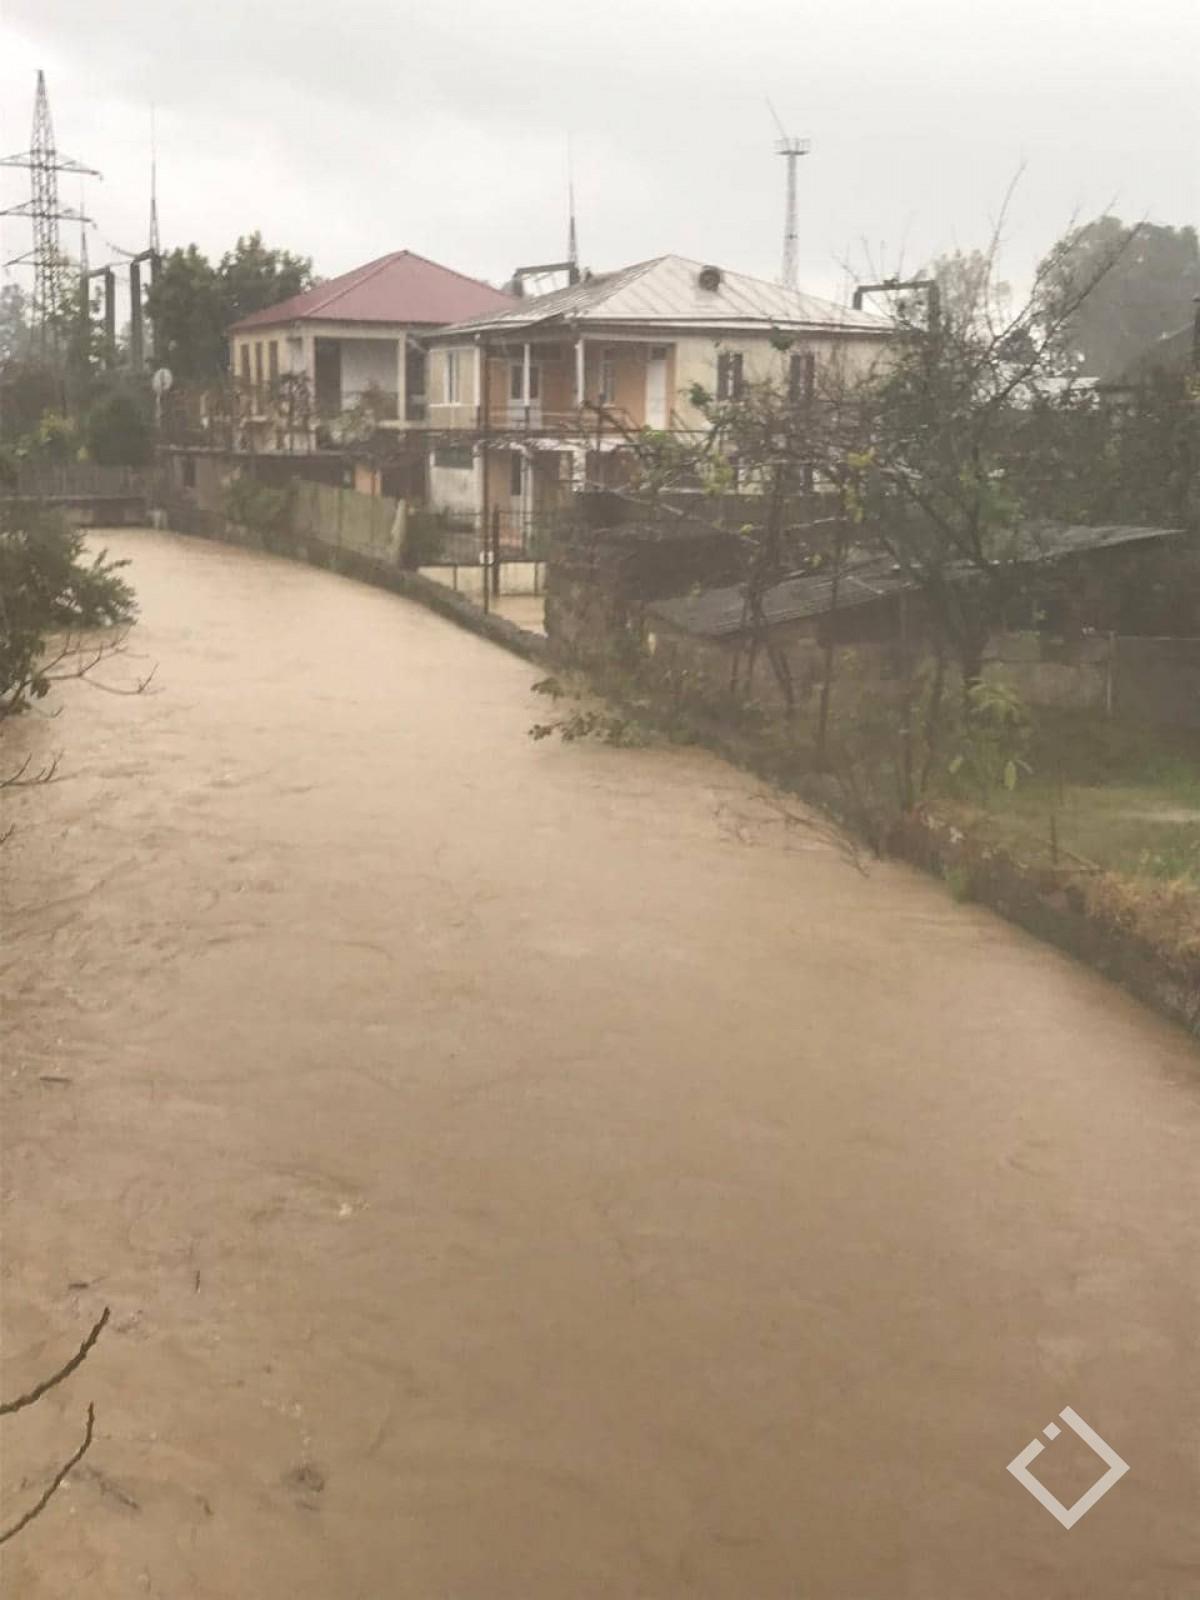 მეწყერი, ადიდებული მდინარე აჭყვადა დატბორილი ეზოები - სტიქია ქობულეთში